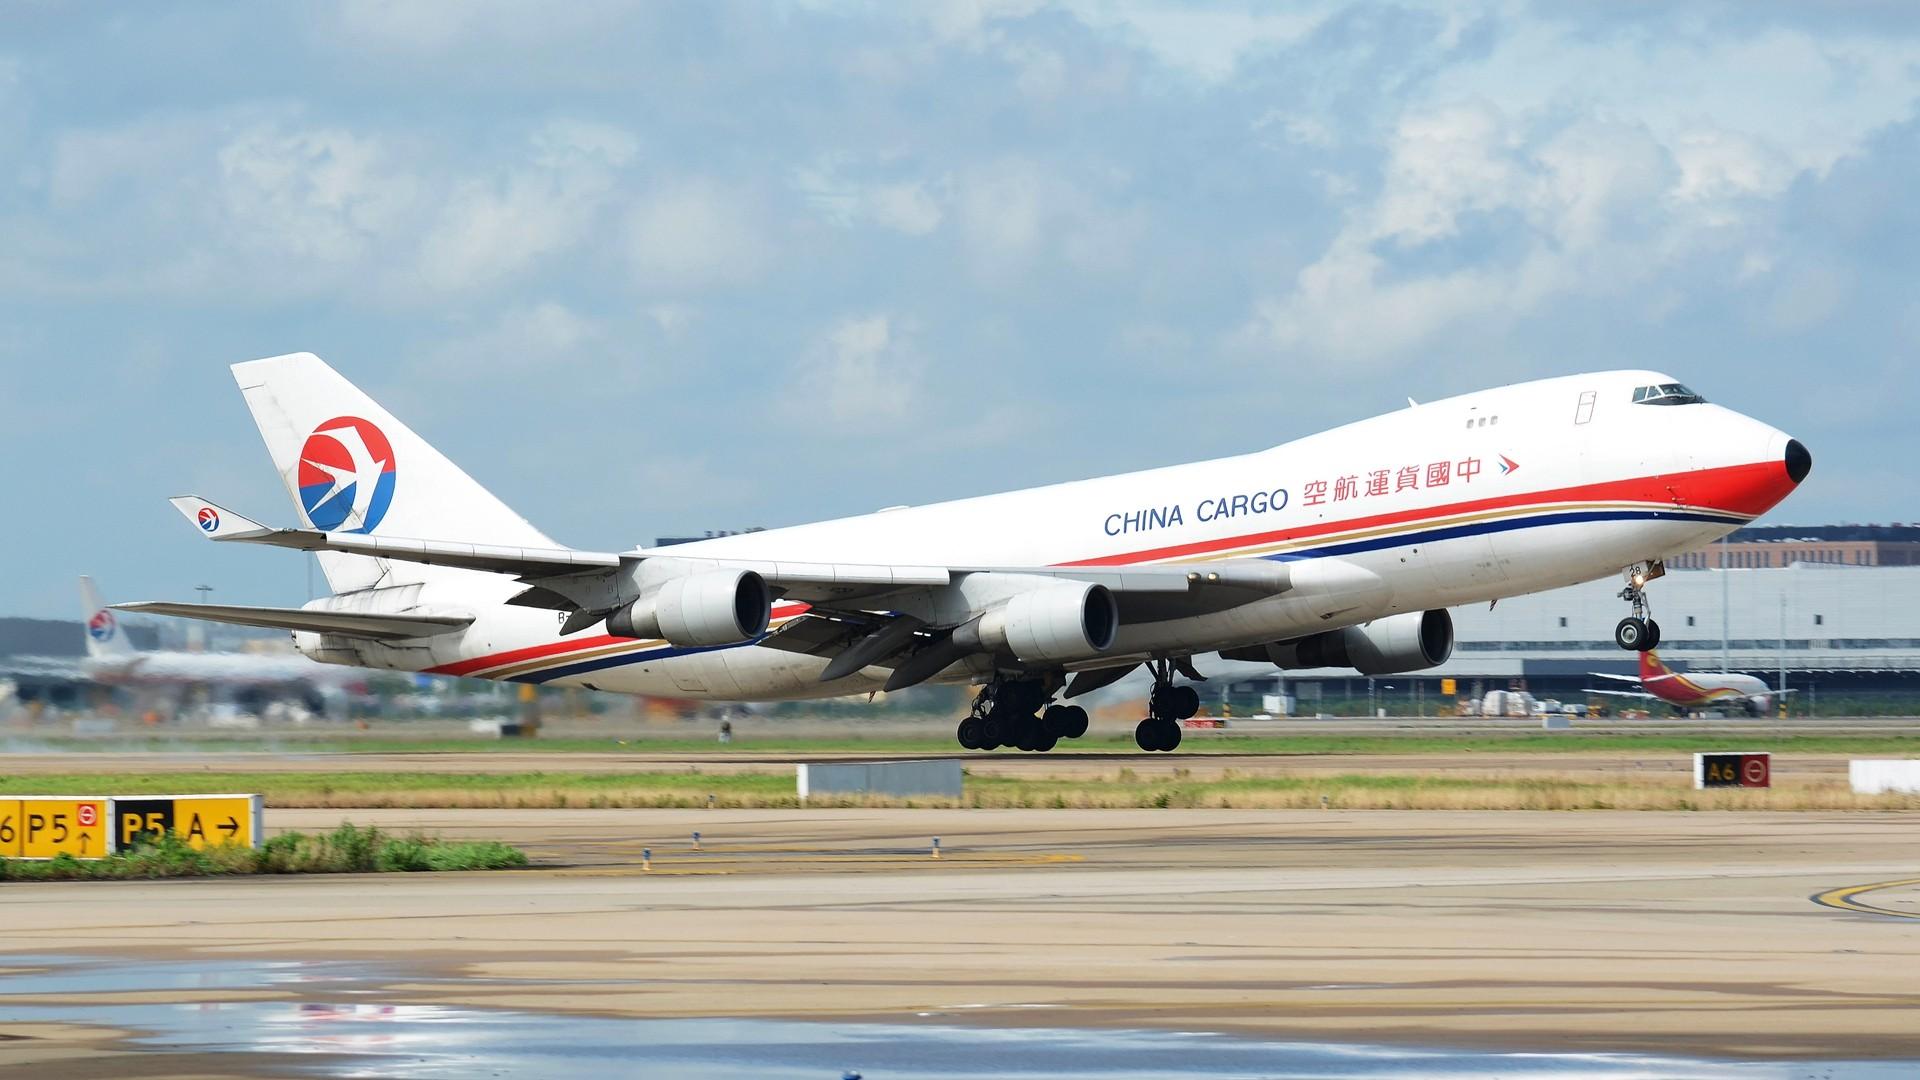 [原创](1920*1080)放出一组壁纸 BOEING 747-400 B-2428 上海浦东国际机场